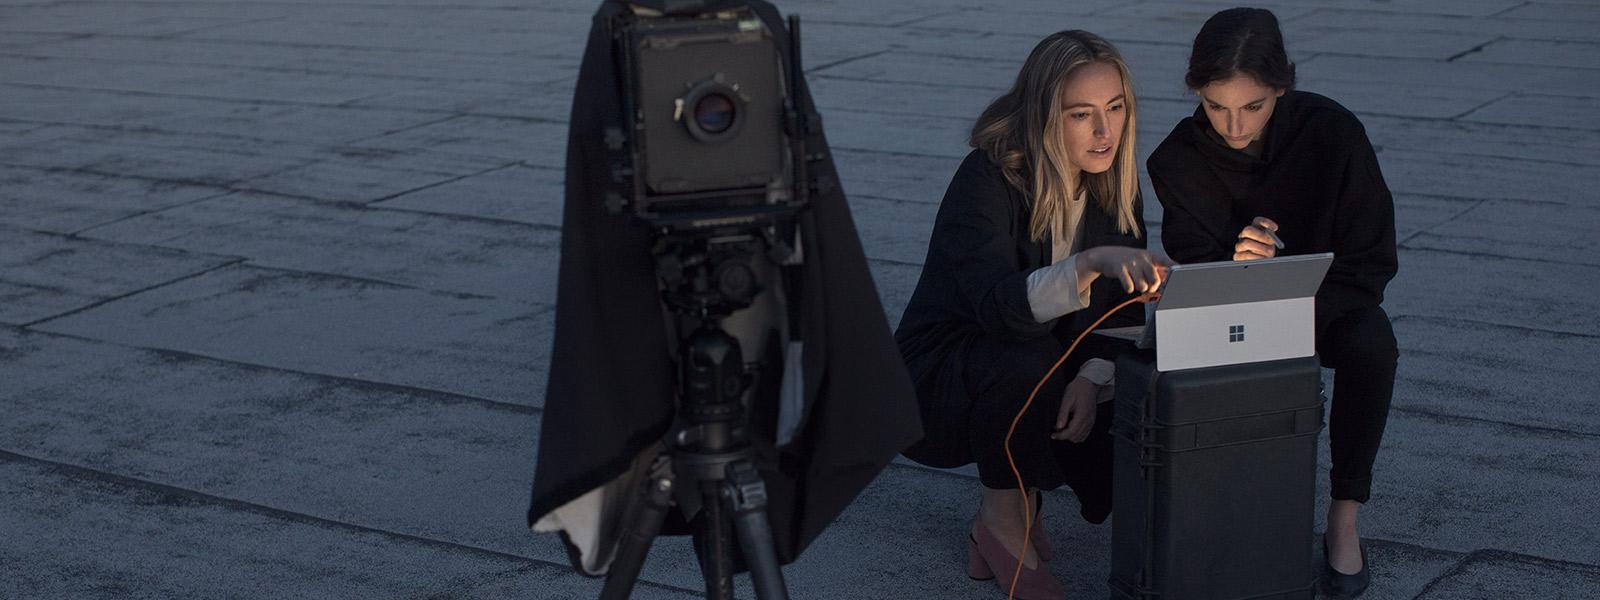 两个摄像师使用 Surface Pro 查看拍摄的镜头